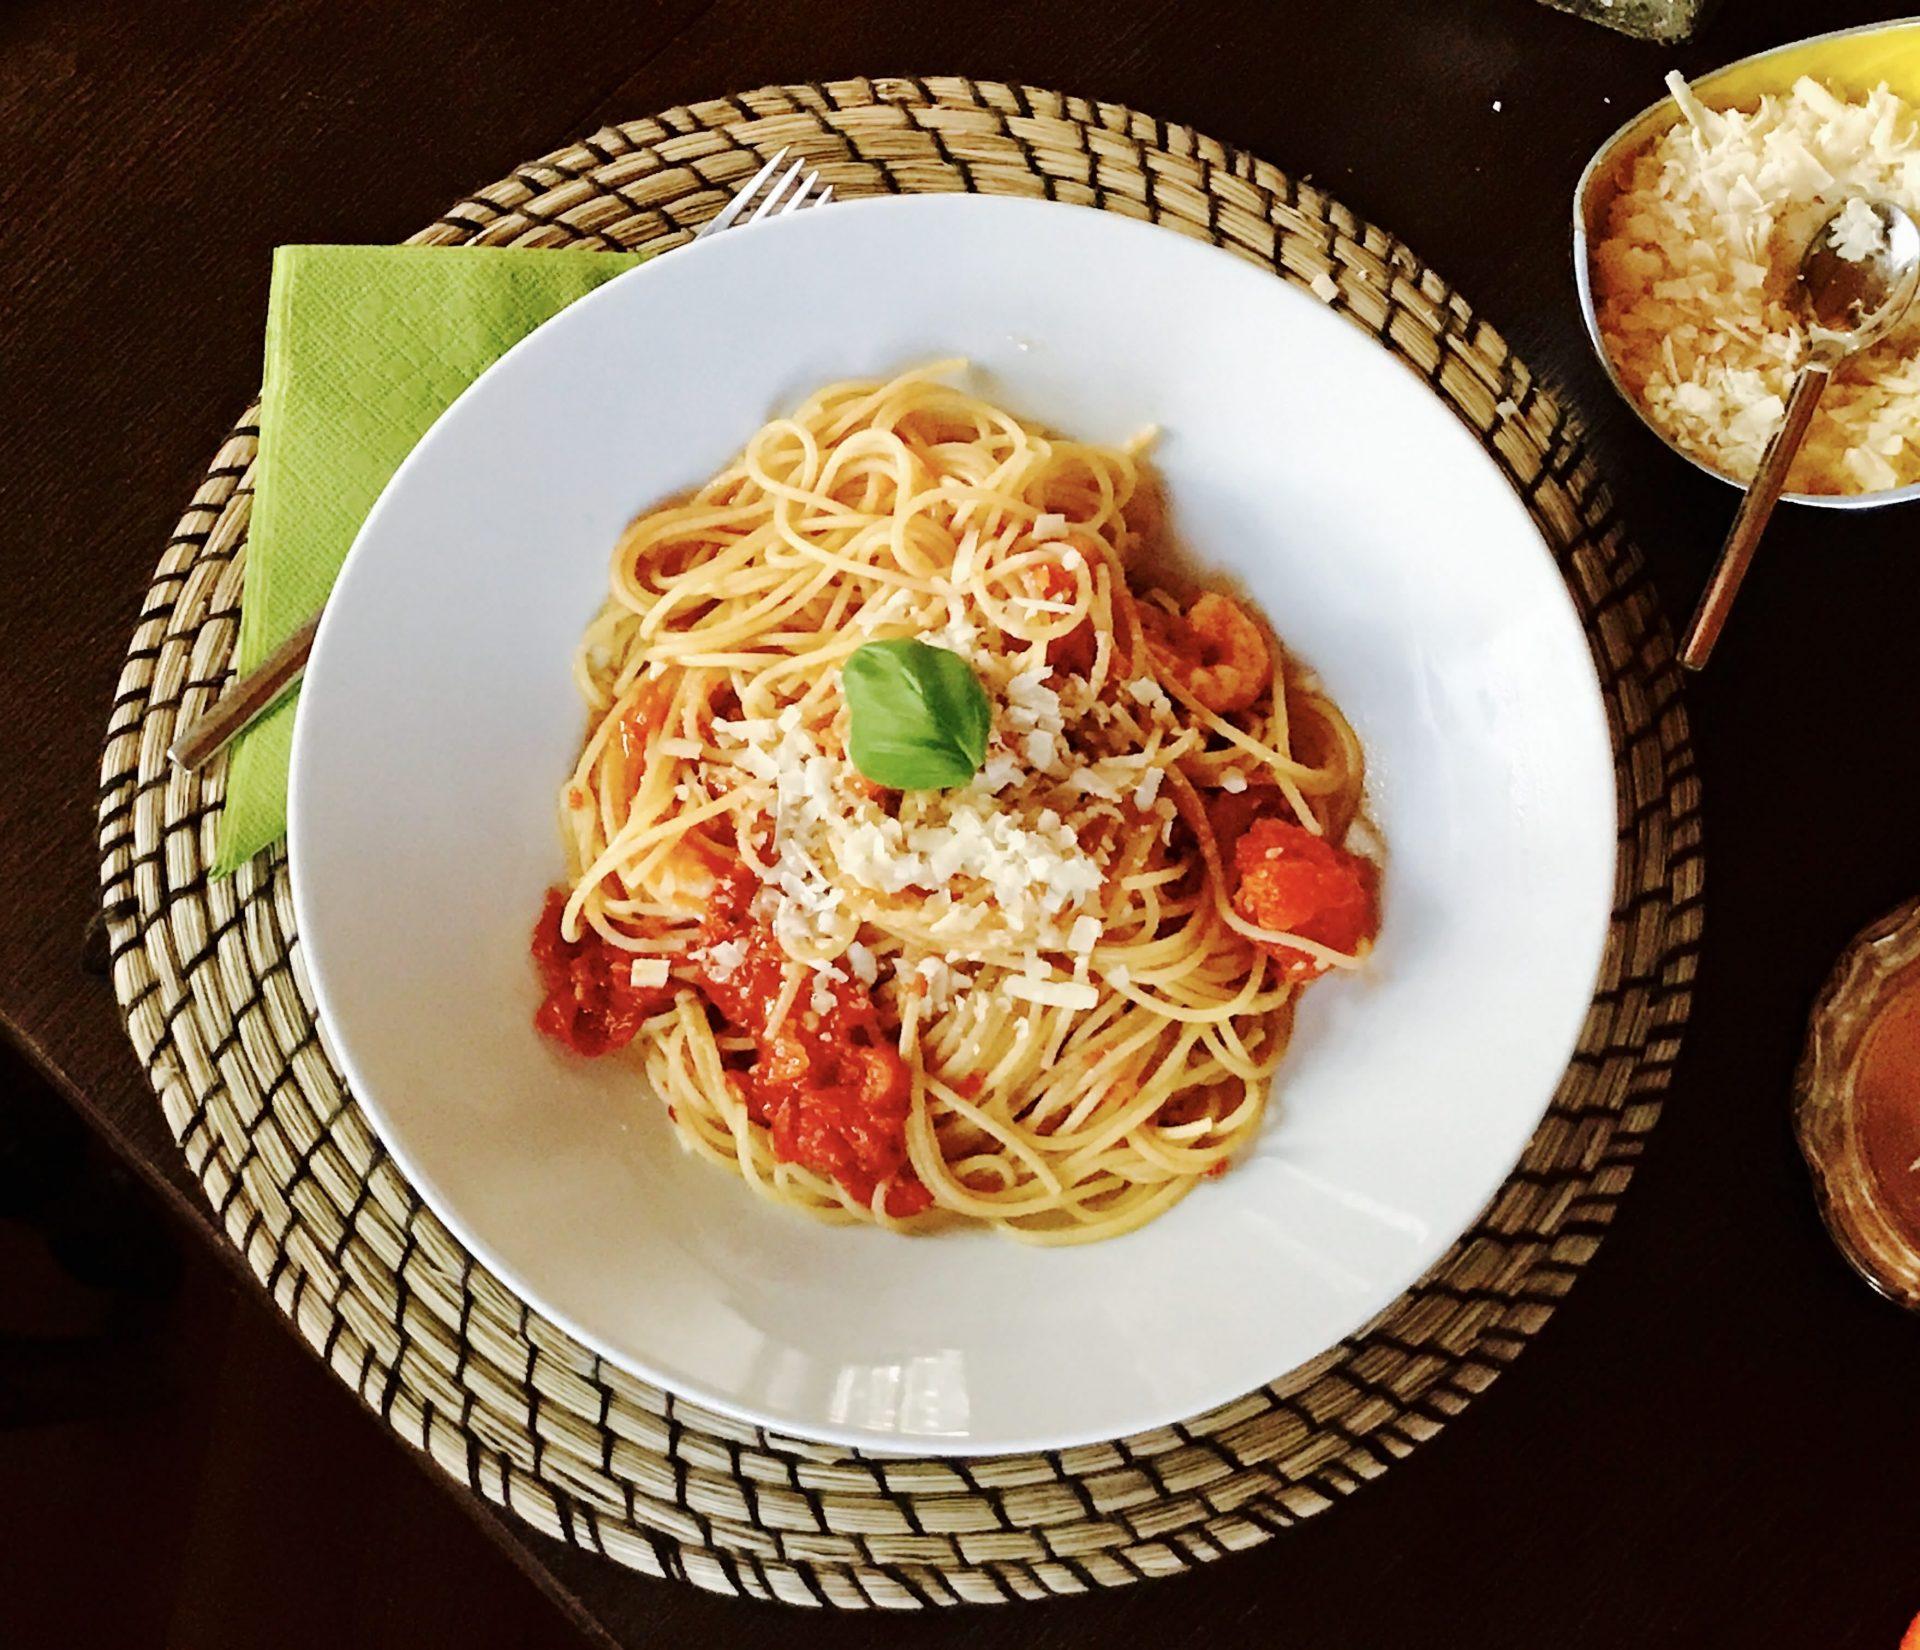 Rezept Pasta mit Tomatensago –Montis Pasta: Montis Pasta